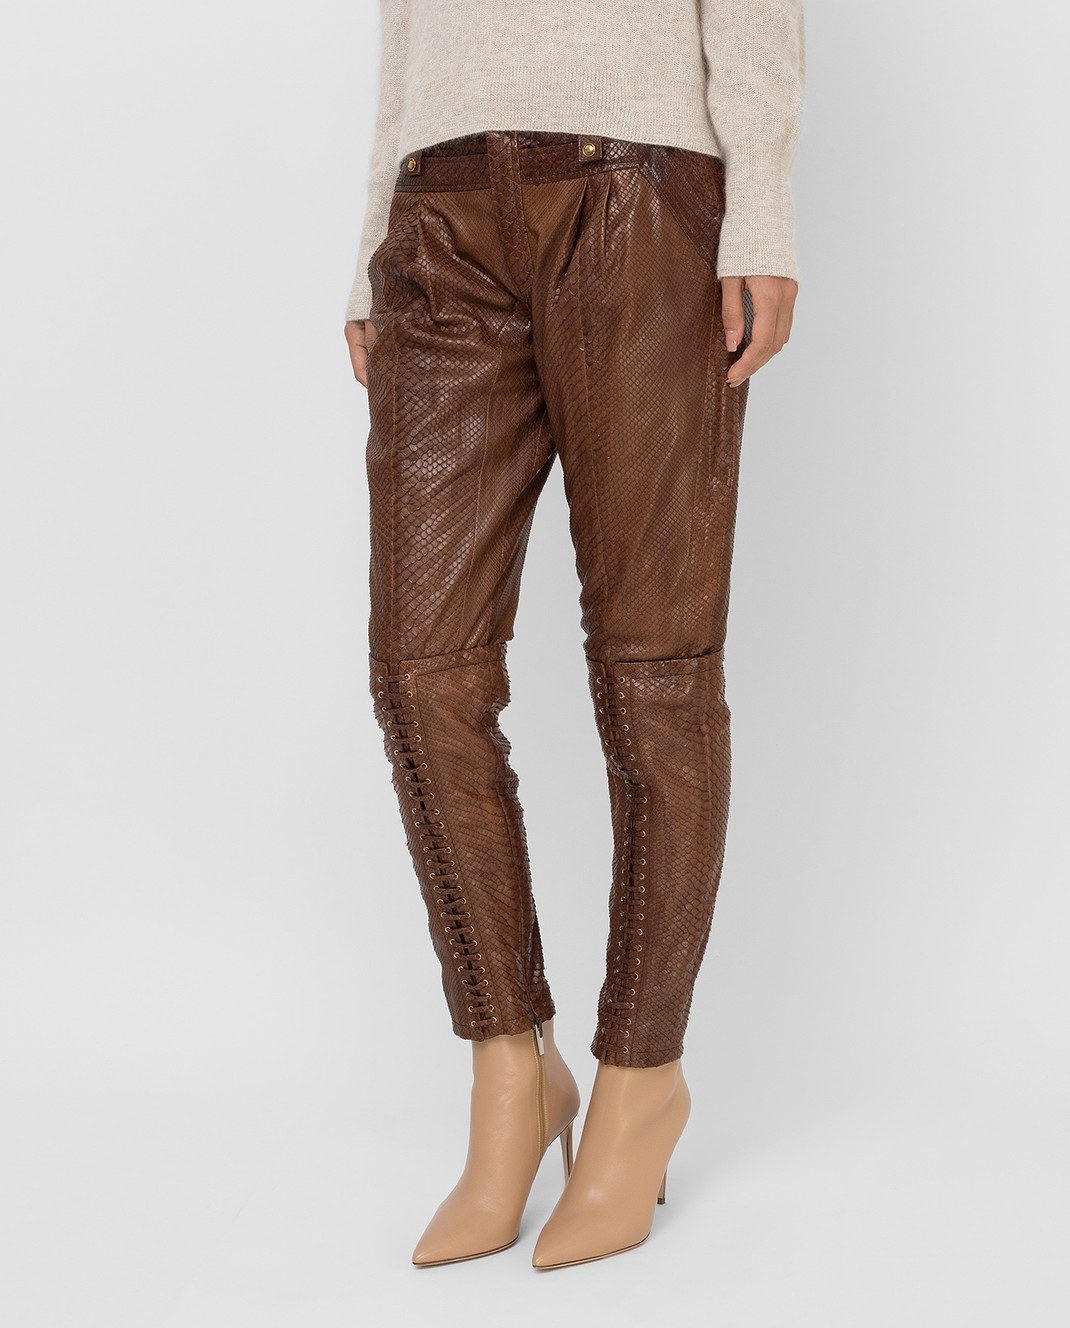 Gucci Коричневые брюки из кожи питона 264366 изображение 3